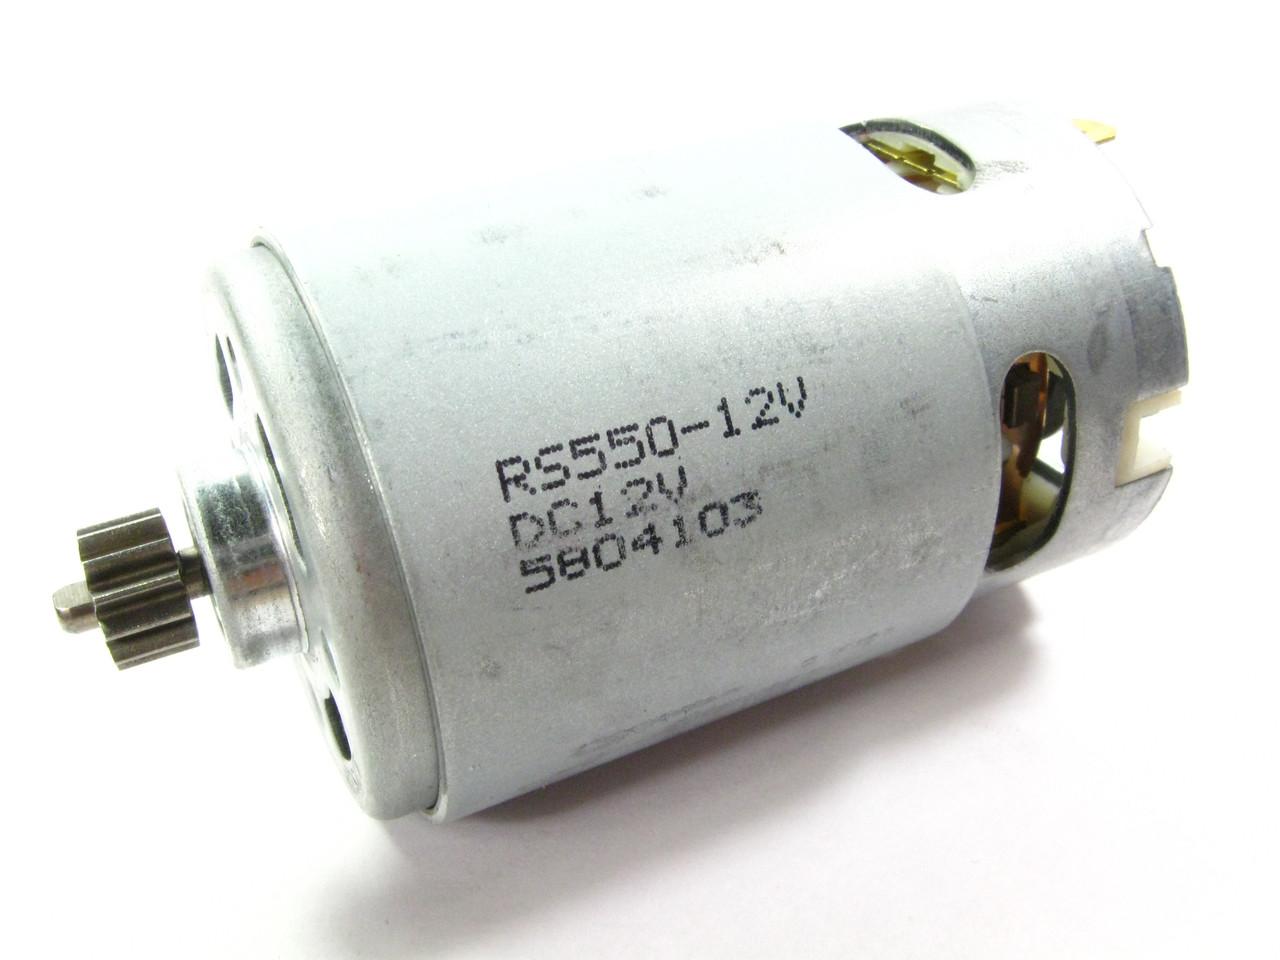 Двигатель аккумуляторного шуруповерта Tekhmann TCD-12 QC Li